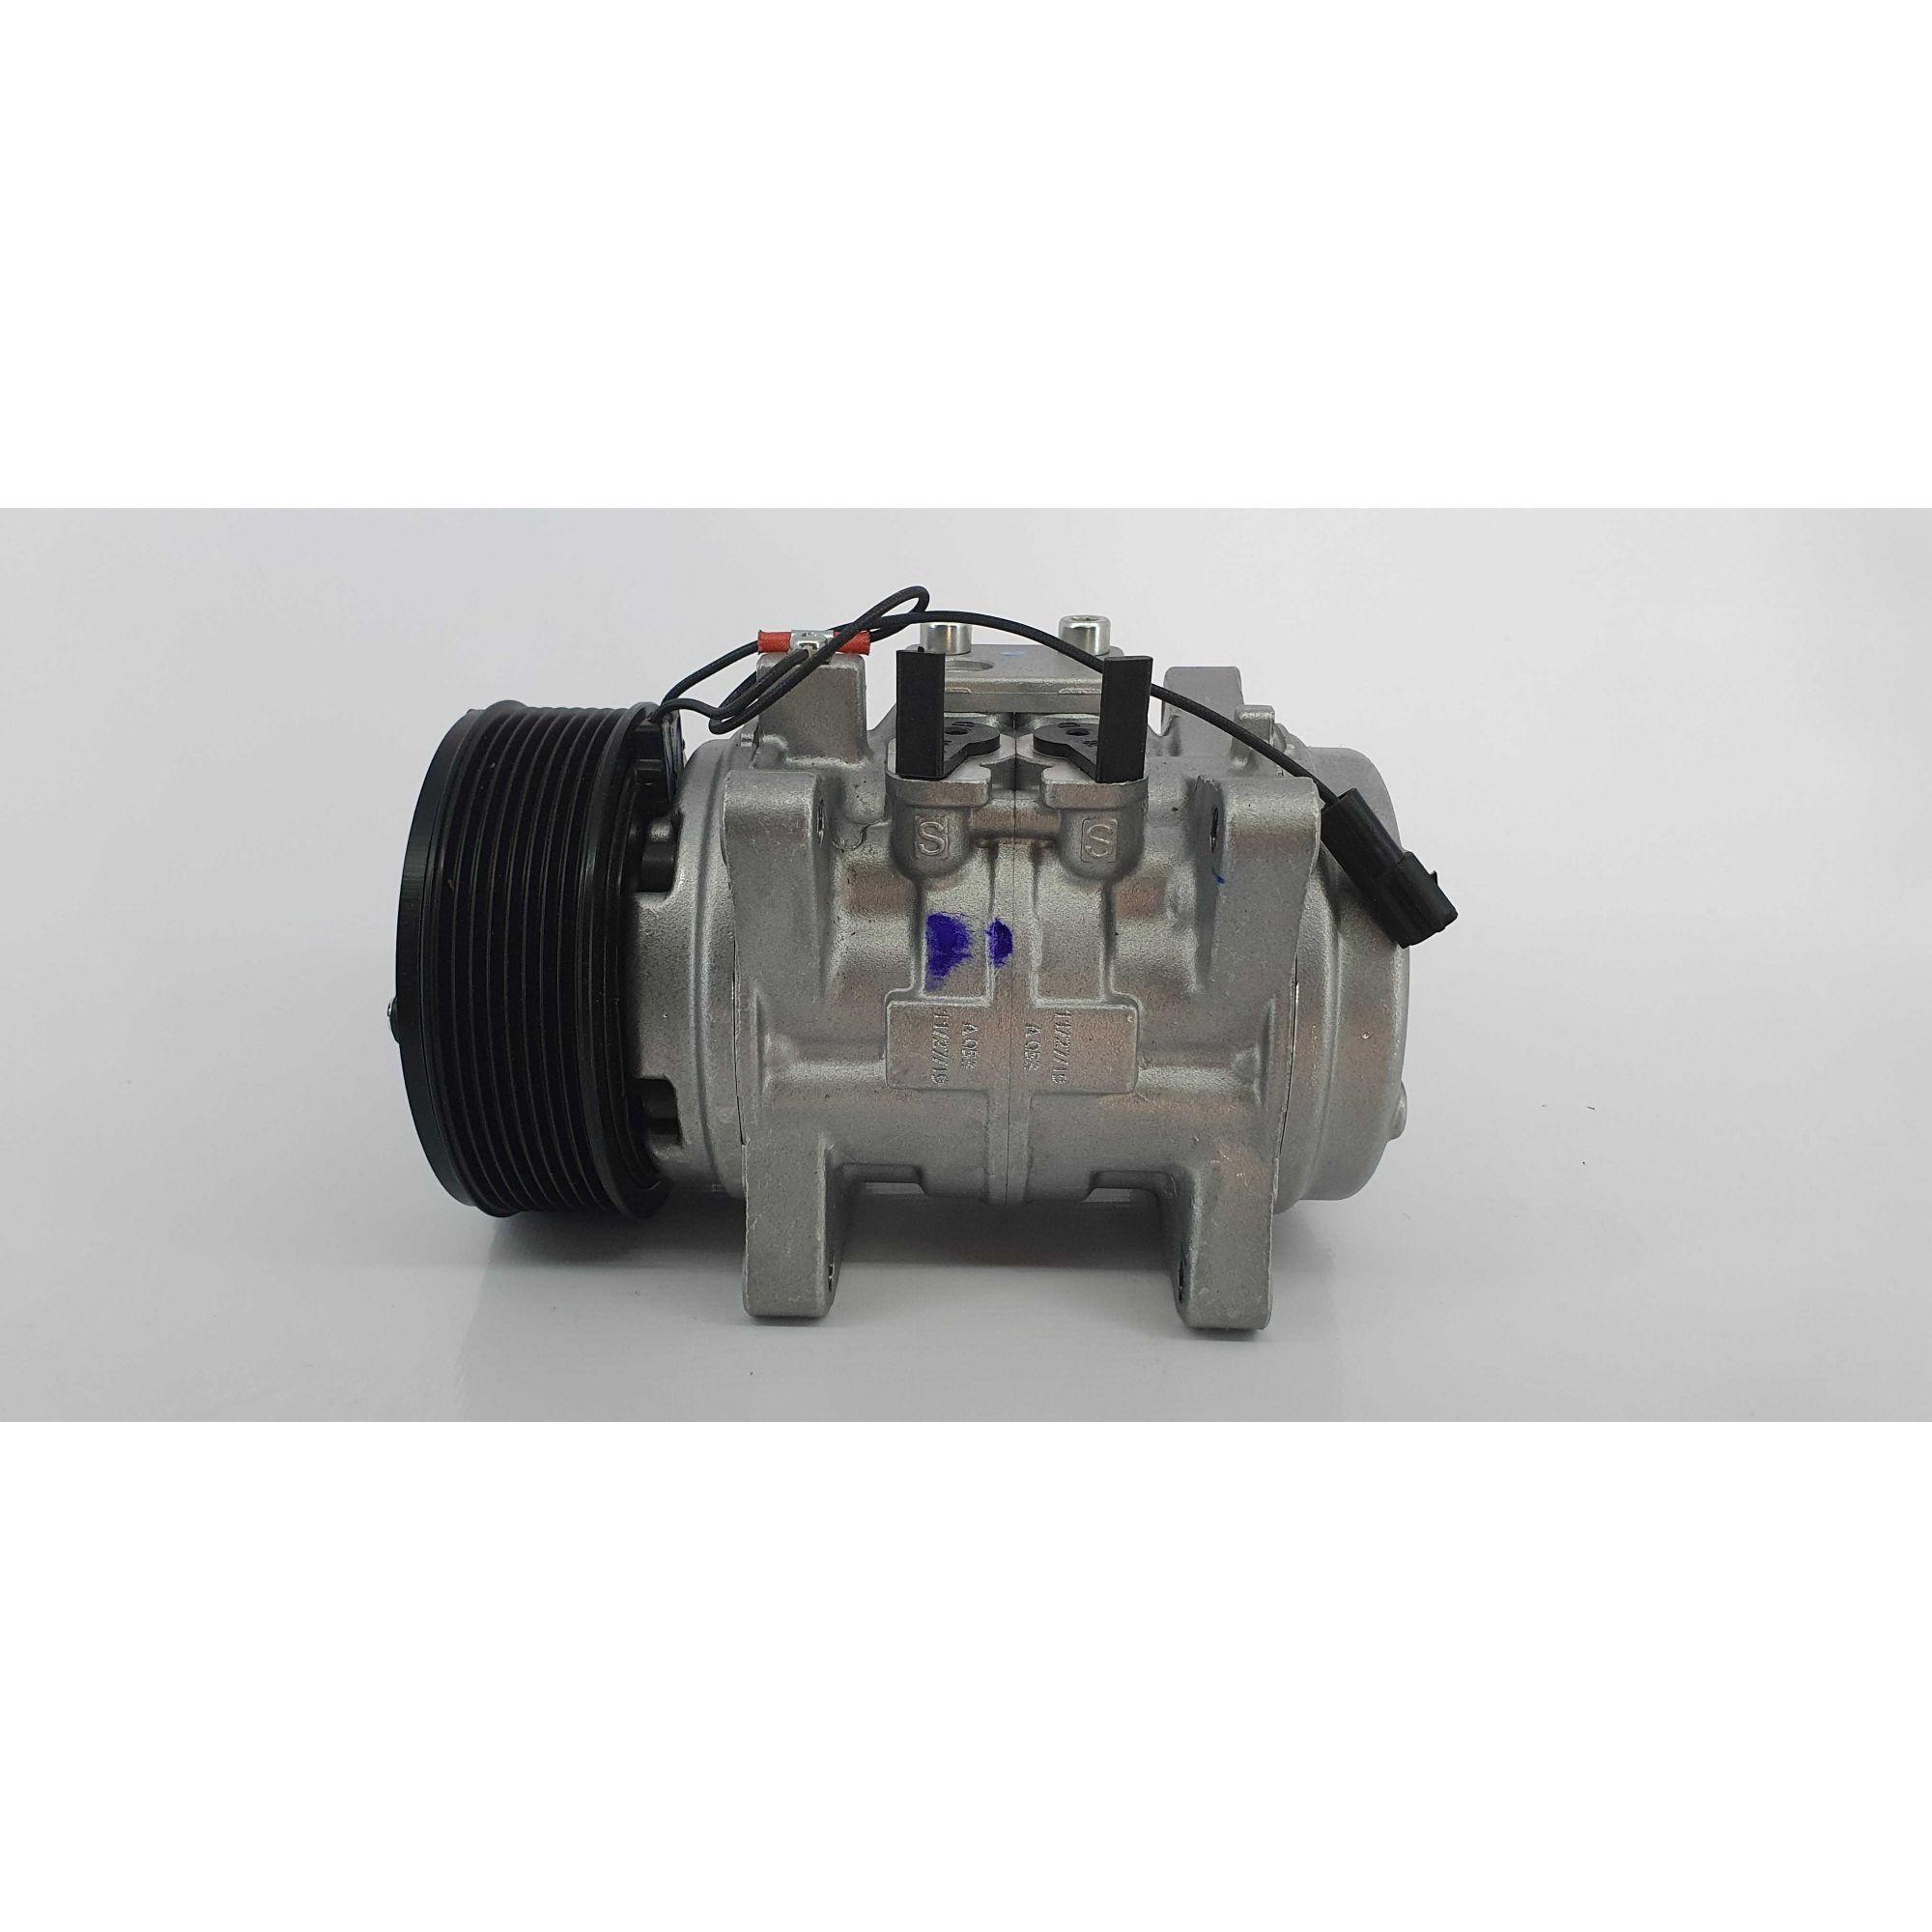 Compressor Ford Cargo 12/24v Original Denso